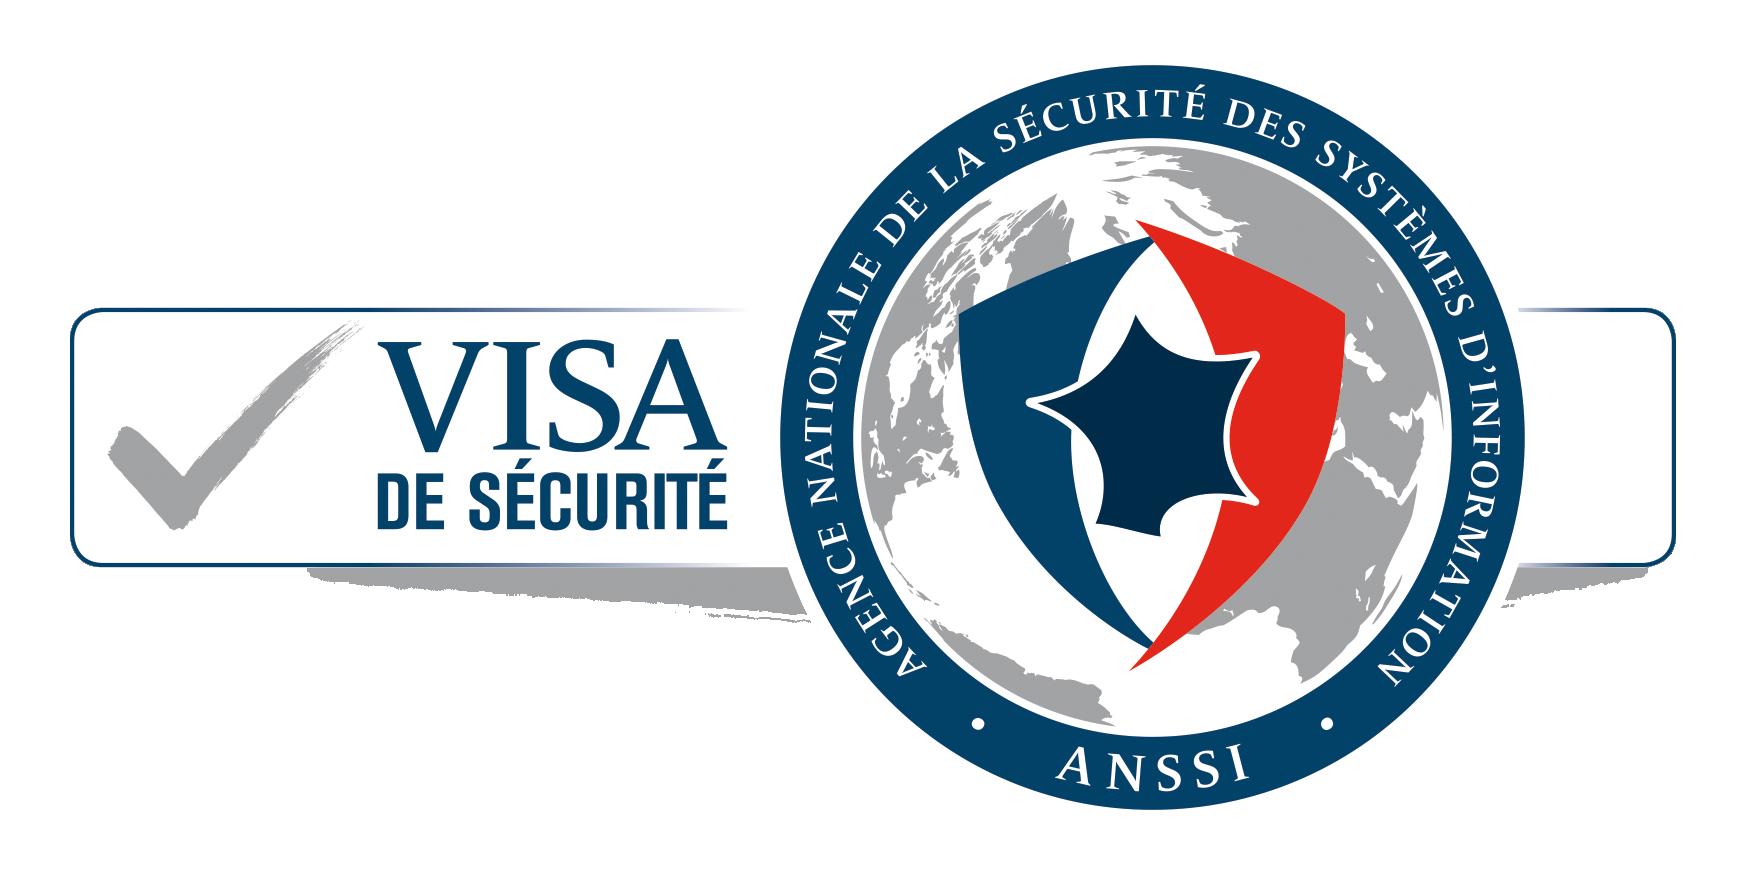 Visa de securite ANSSI